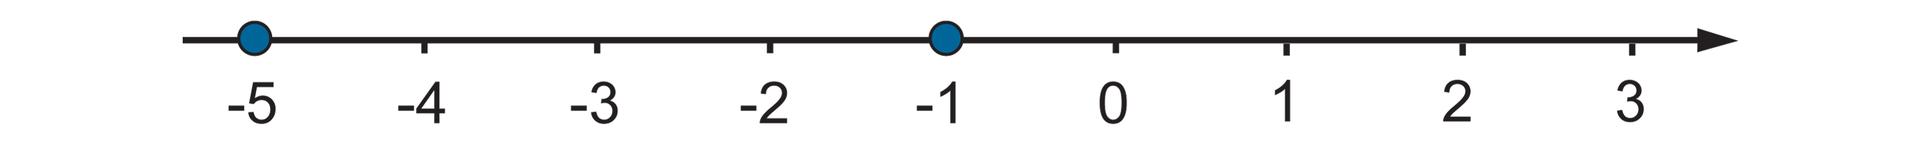 Rysunek osi liczbowej zzaznaczonymi punktami od -5 do 3. Wyróżnione liczby -5, -1.